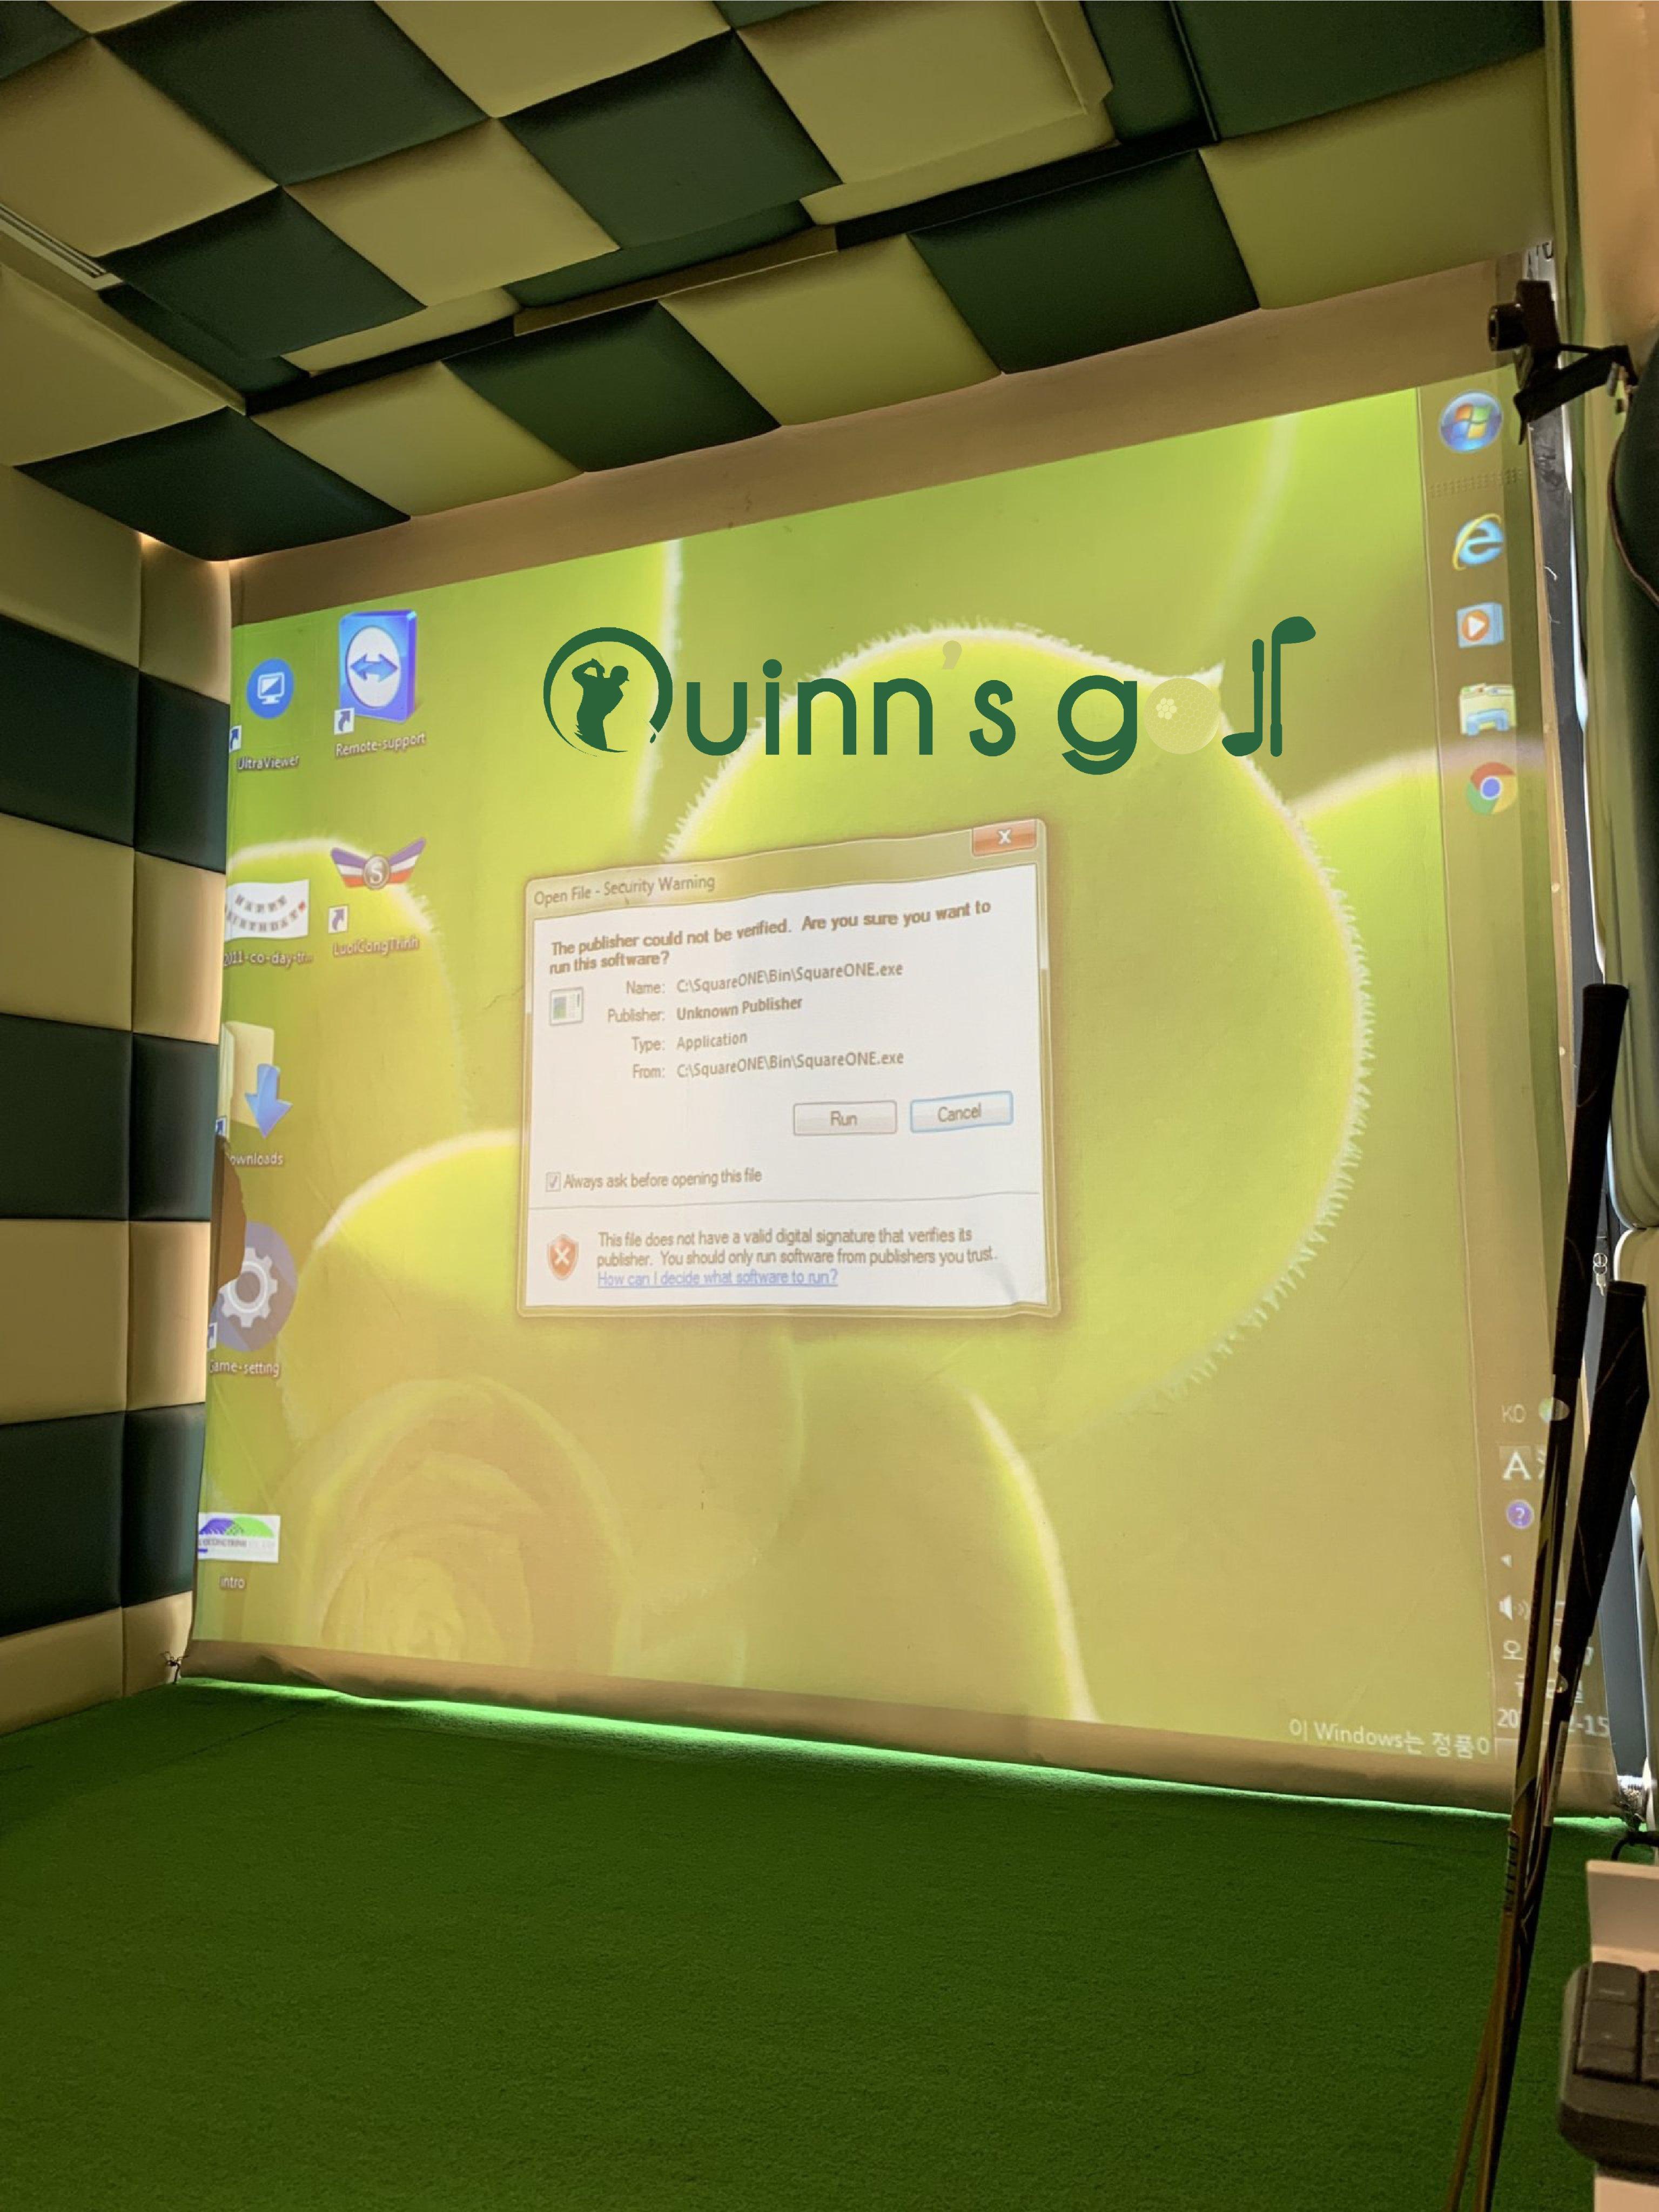 Thiết Kế Thi Công Phòng Tập Golf 3D Ưu Đãi